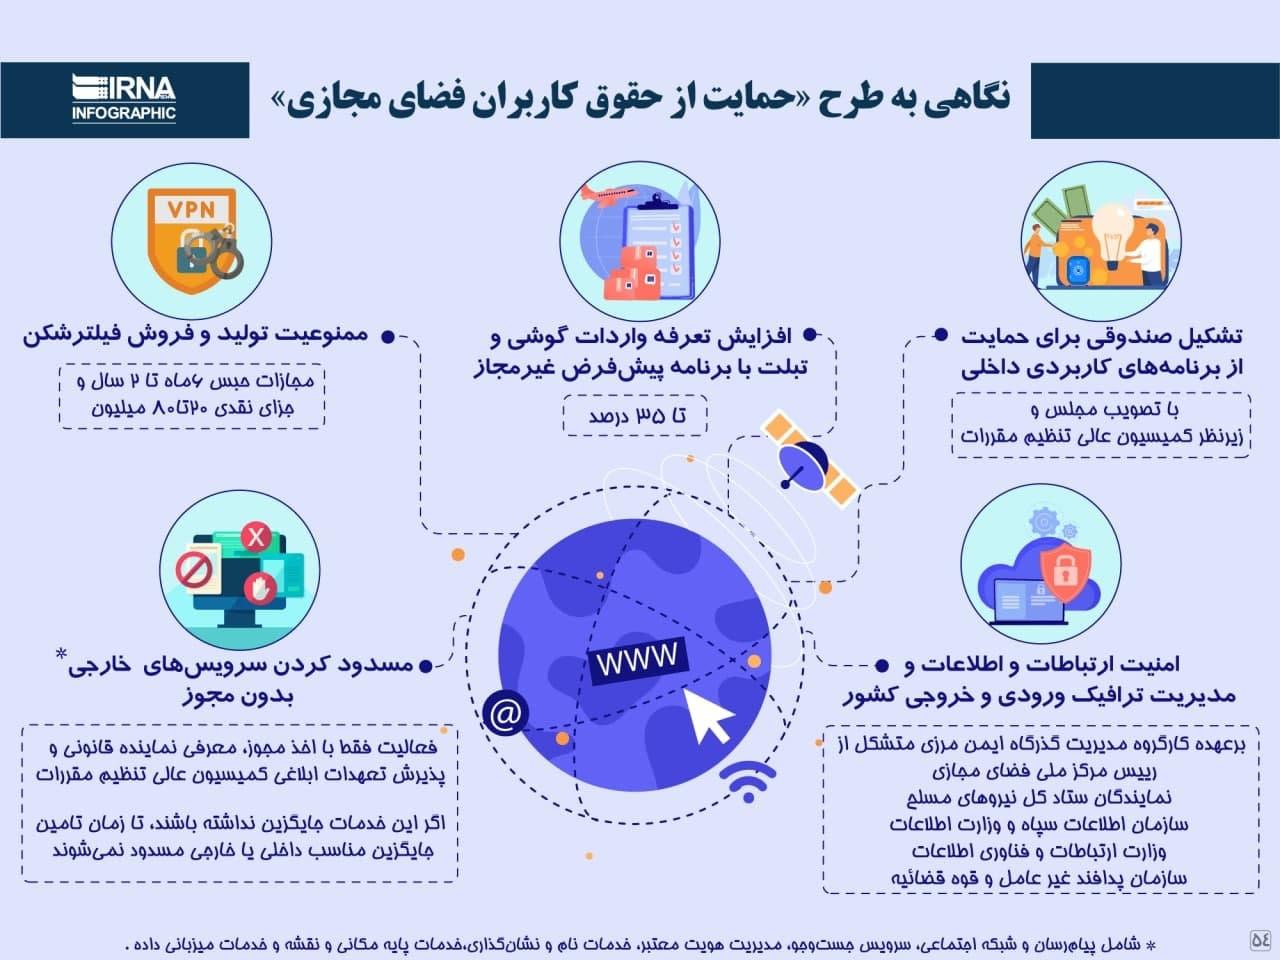 مجلس شورای اسلامی و طرح اینترنت